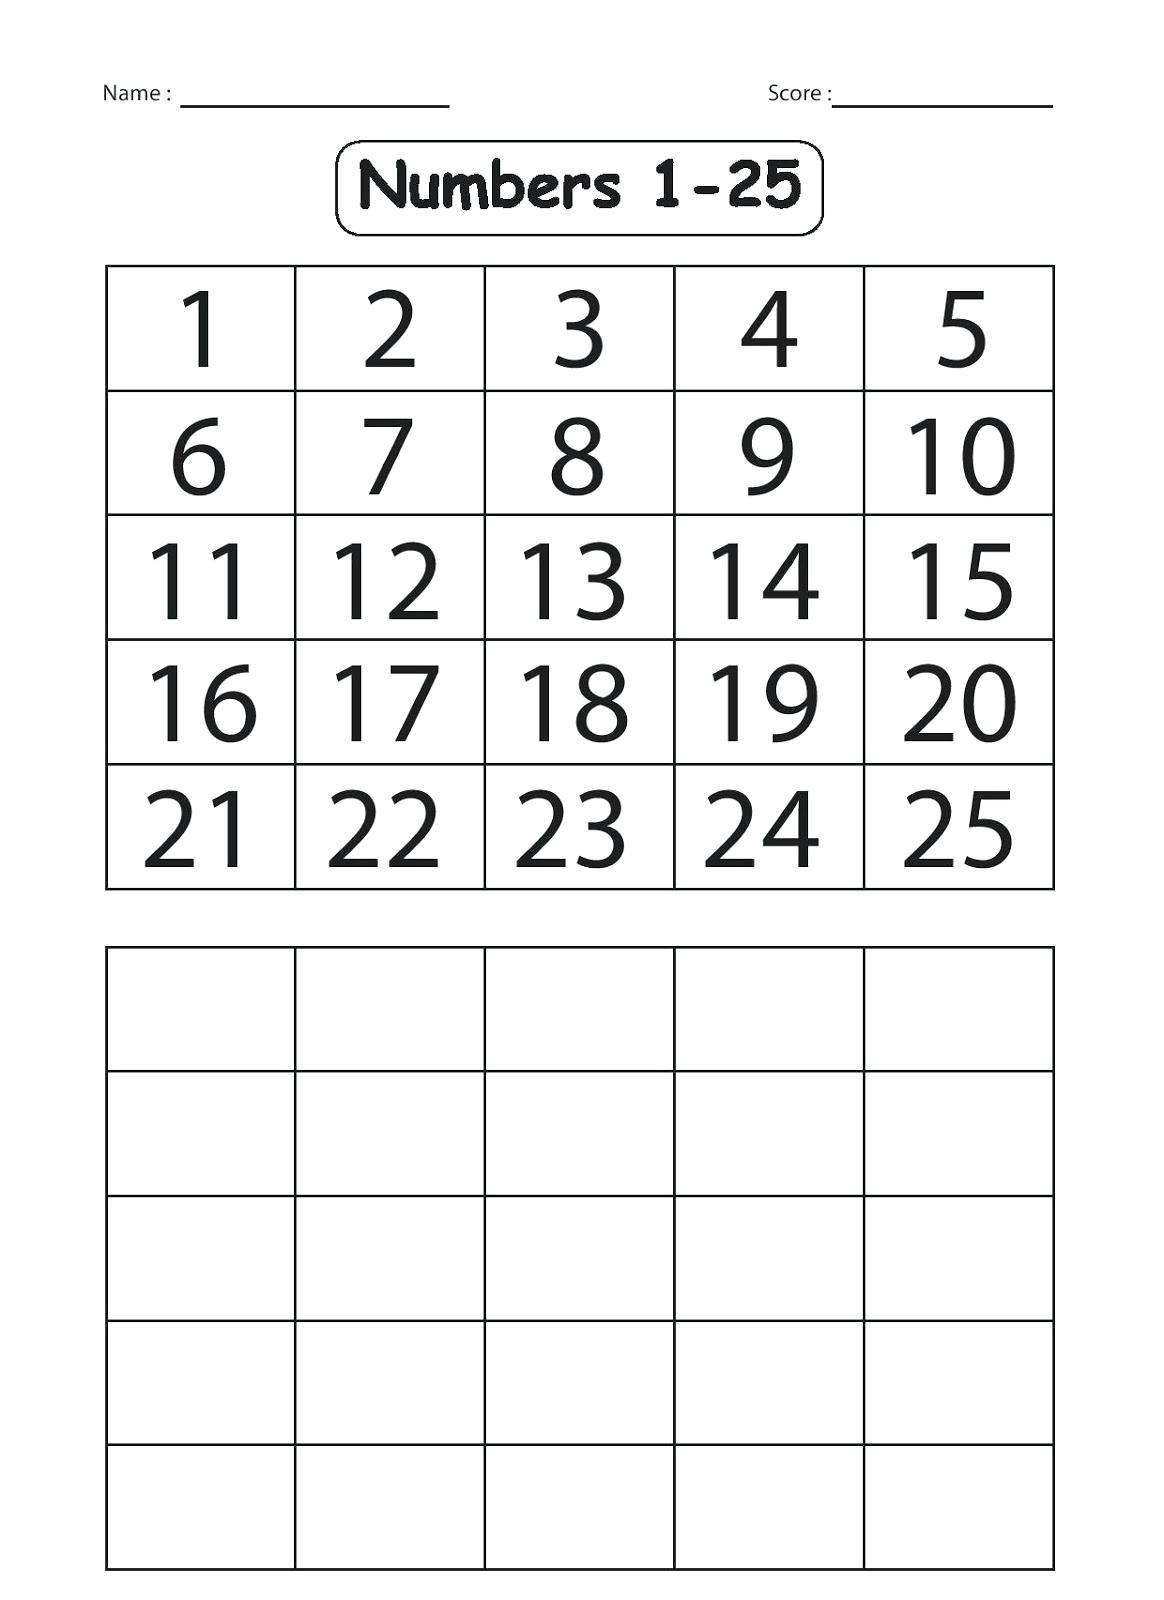 Categorizing Worksheets for Kindergarten 1st Grade Categorizing Worksheets for 1st Grade